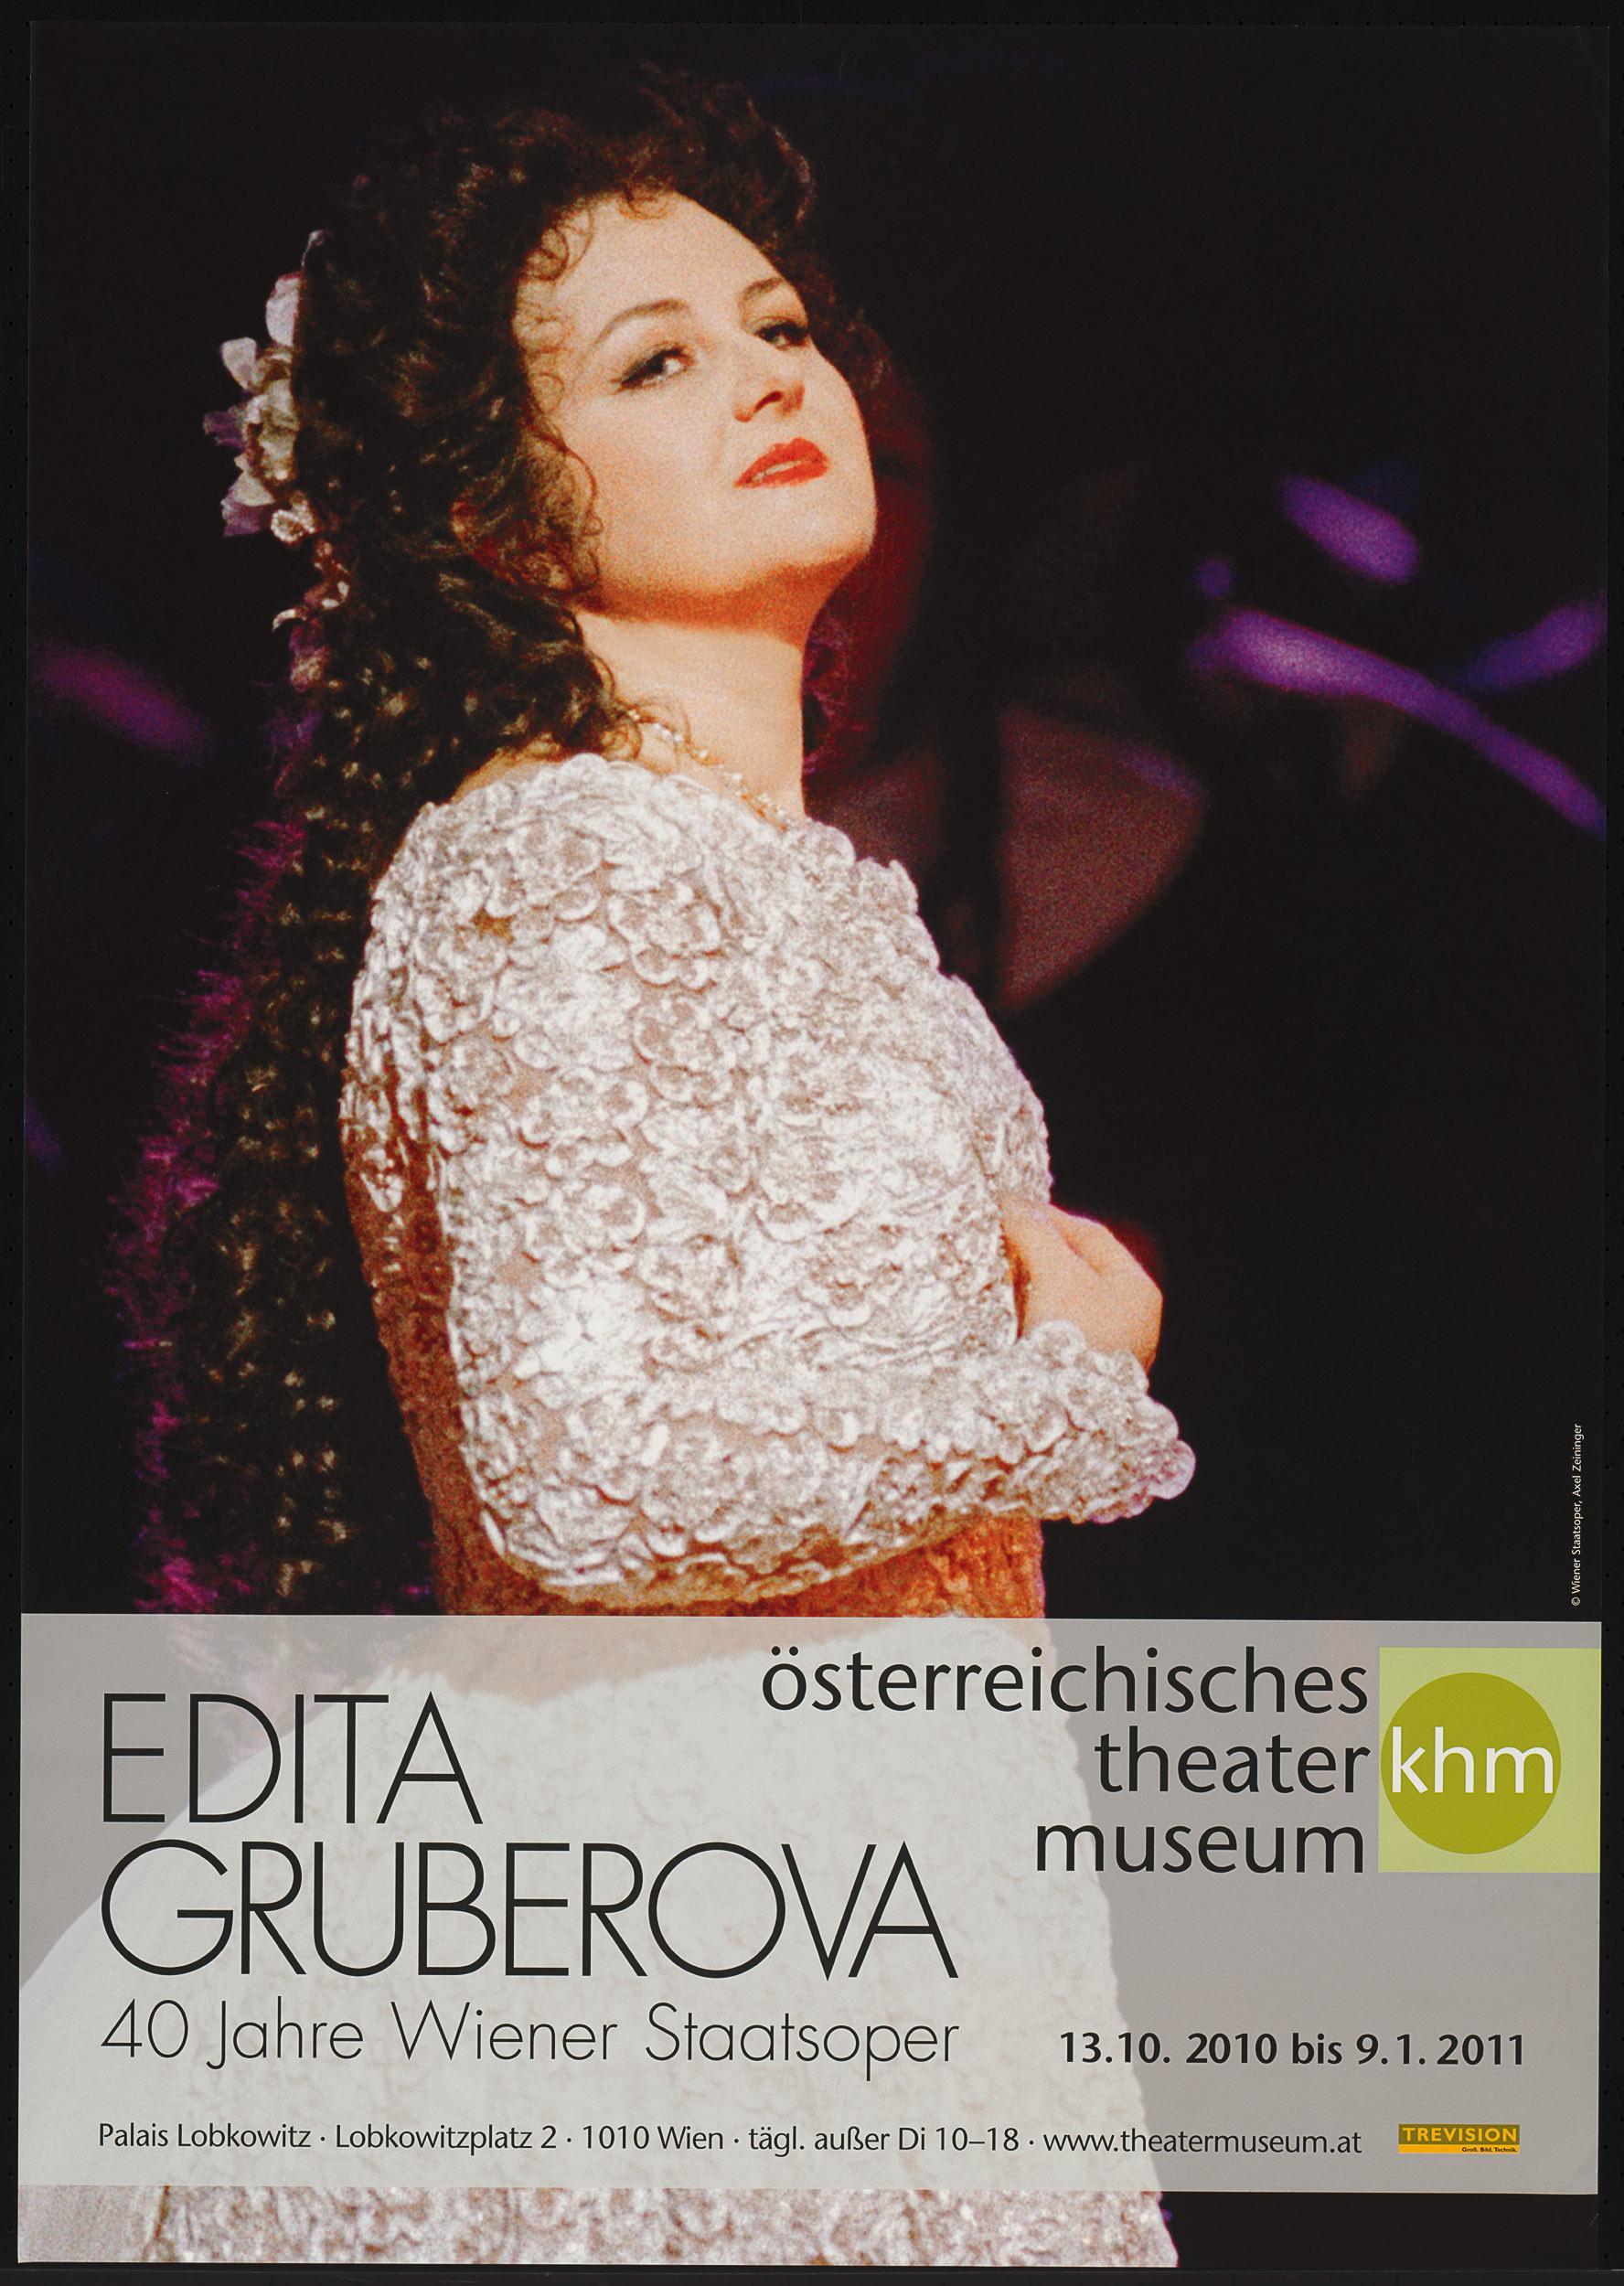 Edita Gruberova. 40 Jahre Wiener Staatsoper von Theatermuseum, Wien